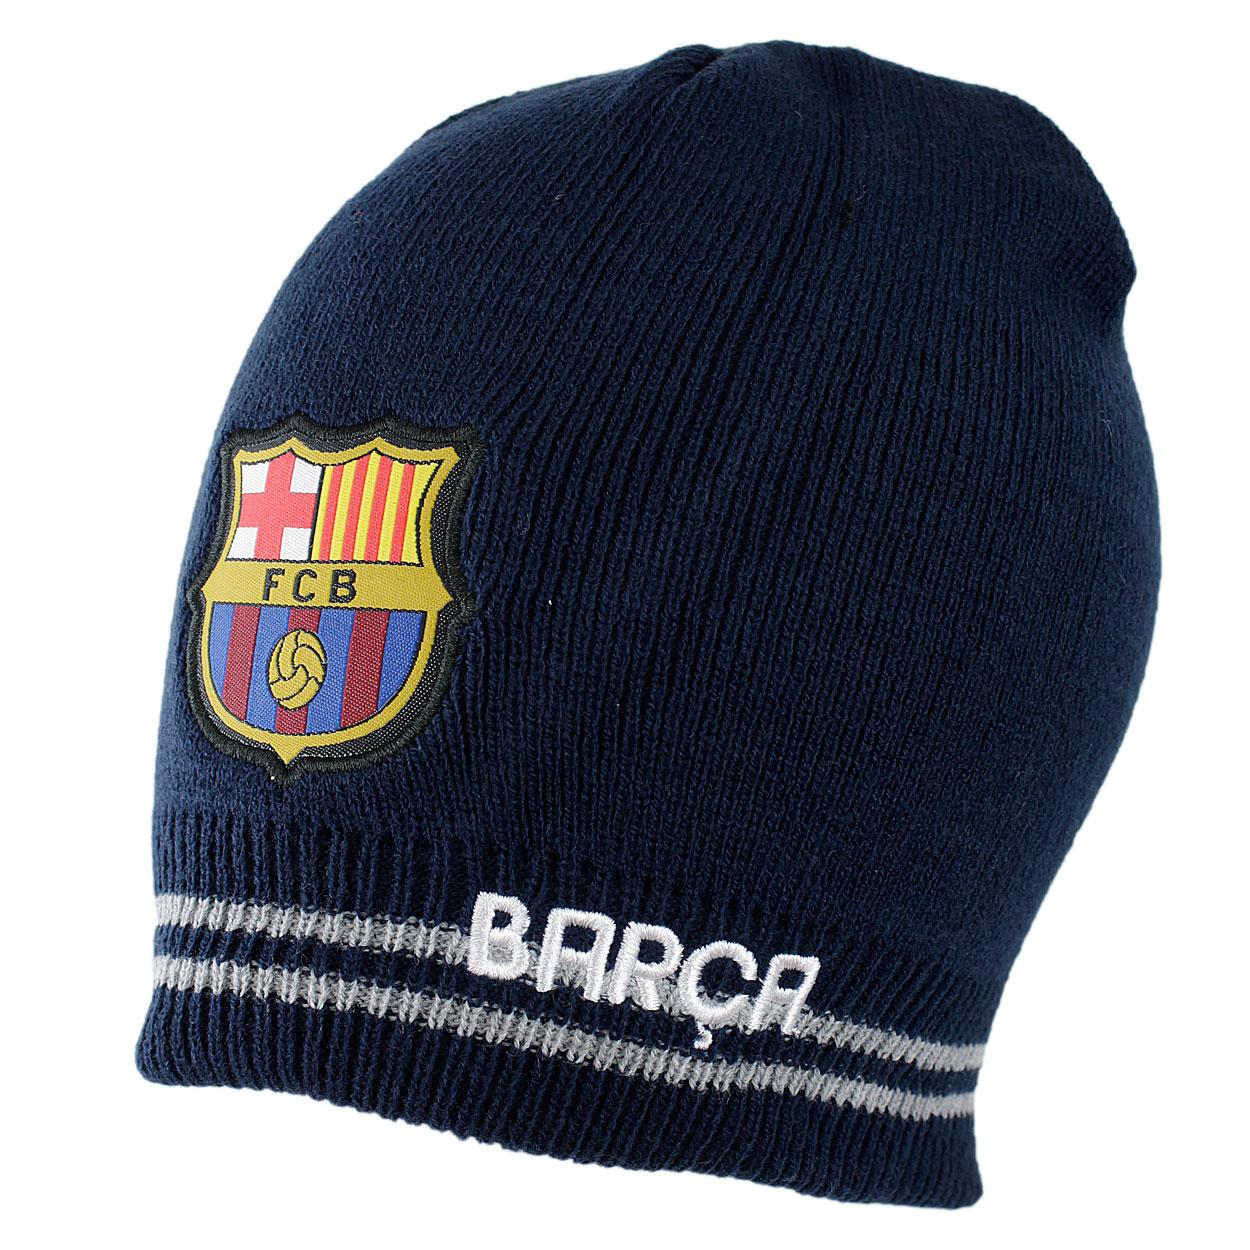 7ff9411df R:57 CZAPKA ZIMOWA FC BARCELONA AKRYL 100% - 7056066088 - oficjalne ...